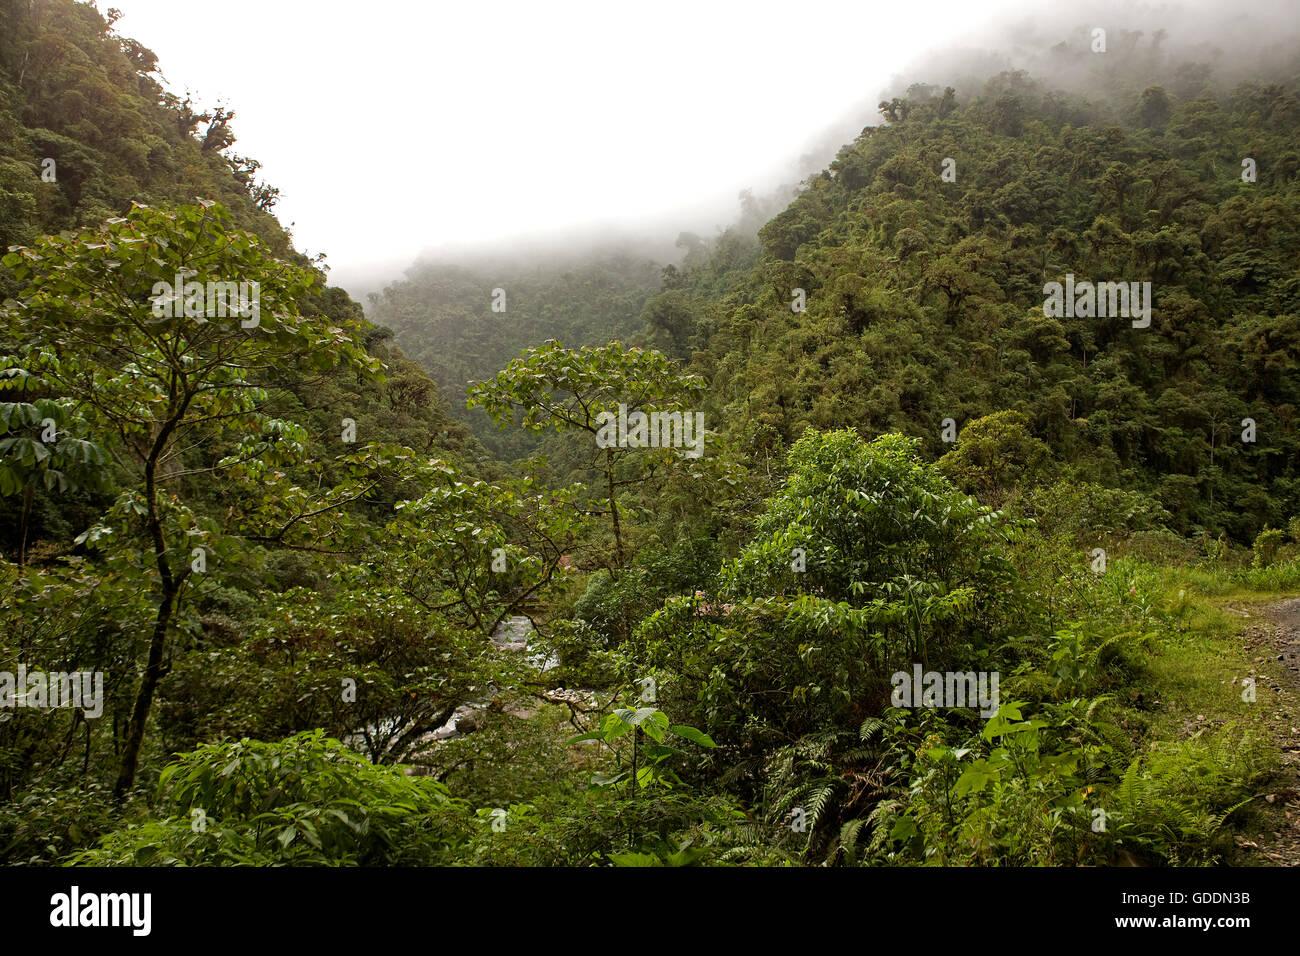 Rainforest in Manu National Park, Peru - Stock Image